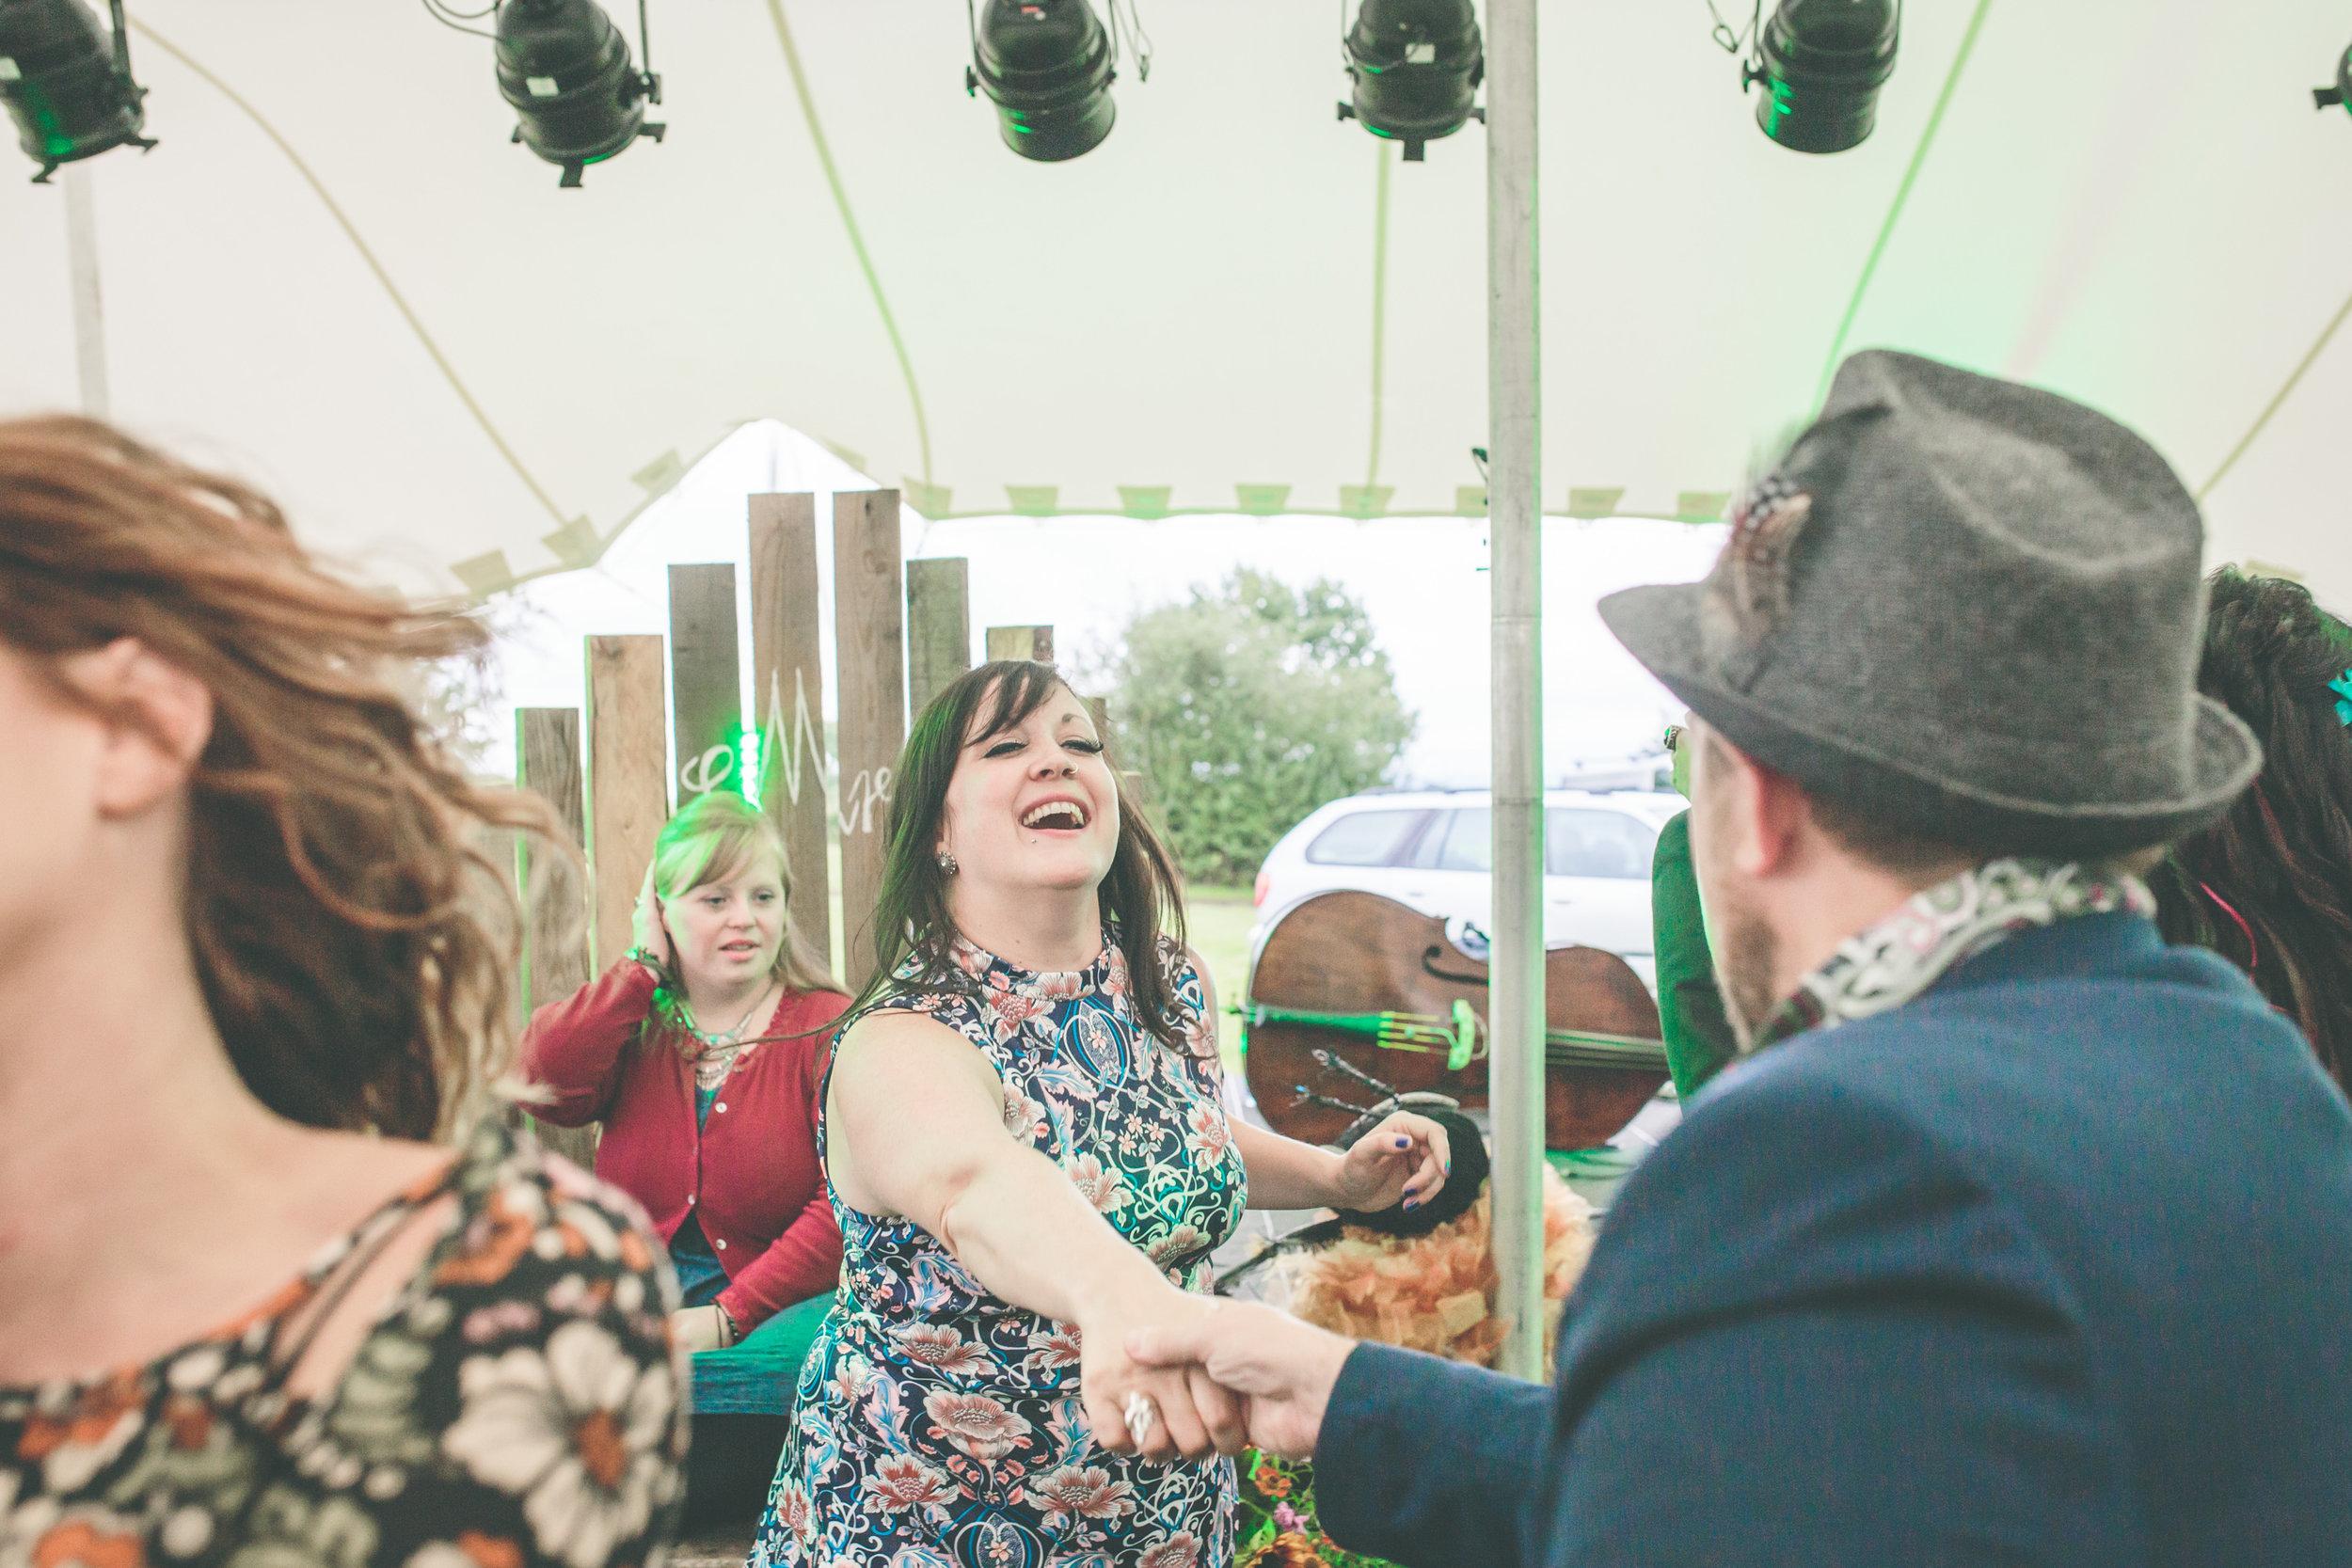 Mahoralls_Cider_Farm_Wedding_Shropshire_Sammy_Jack-280.jpg